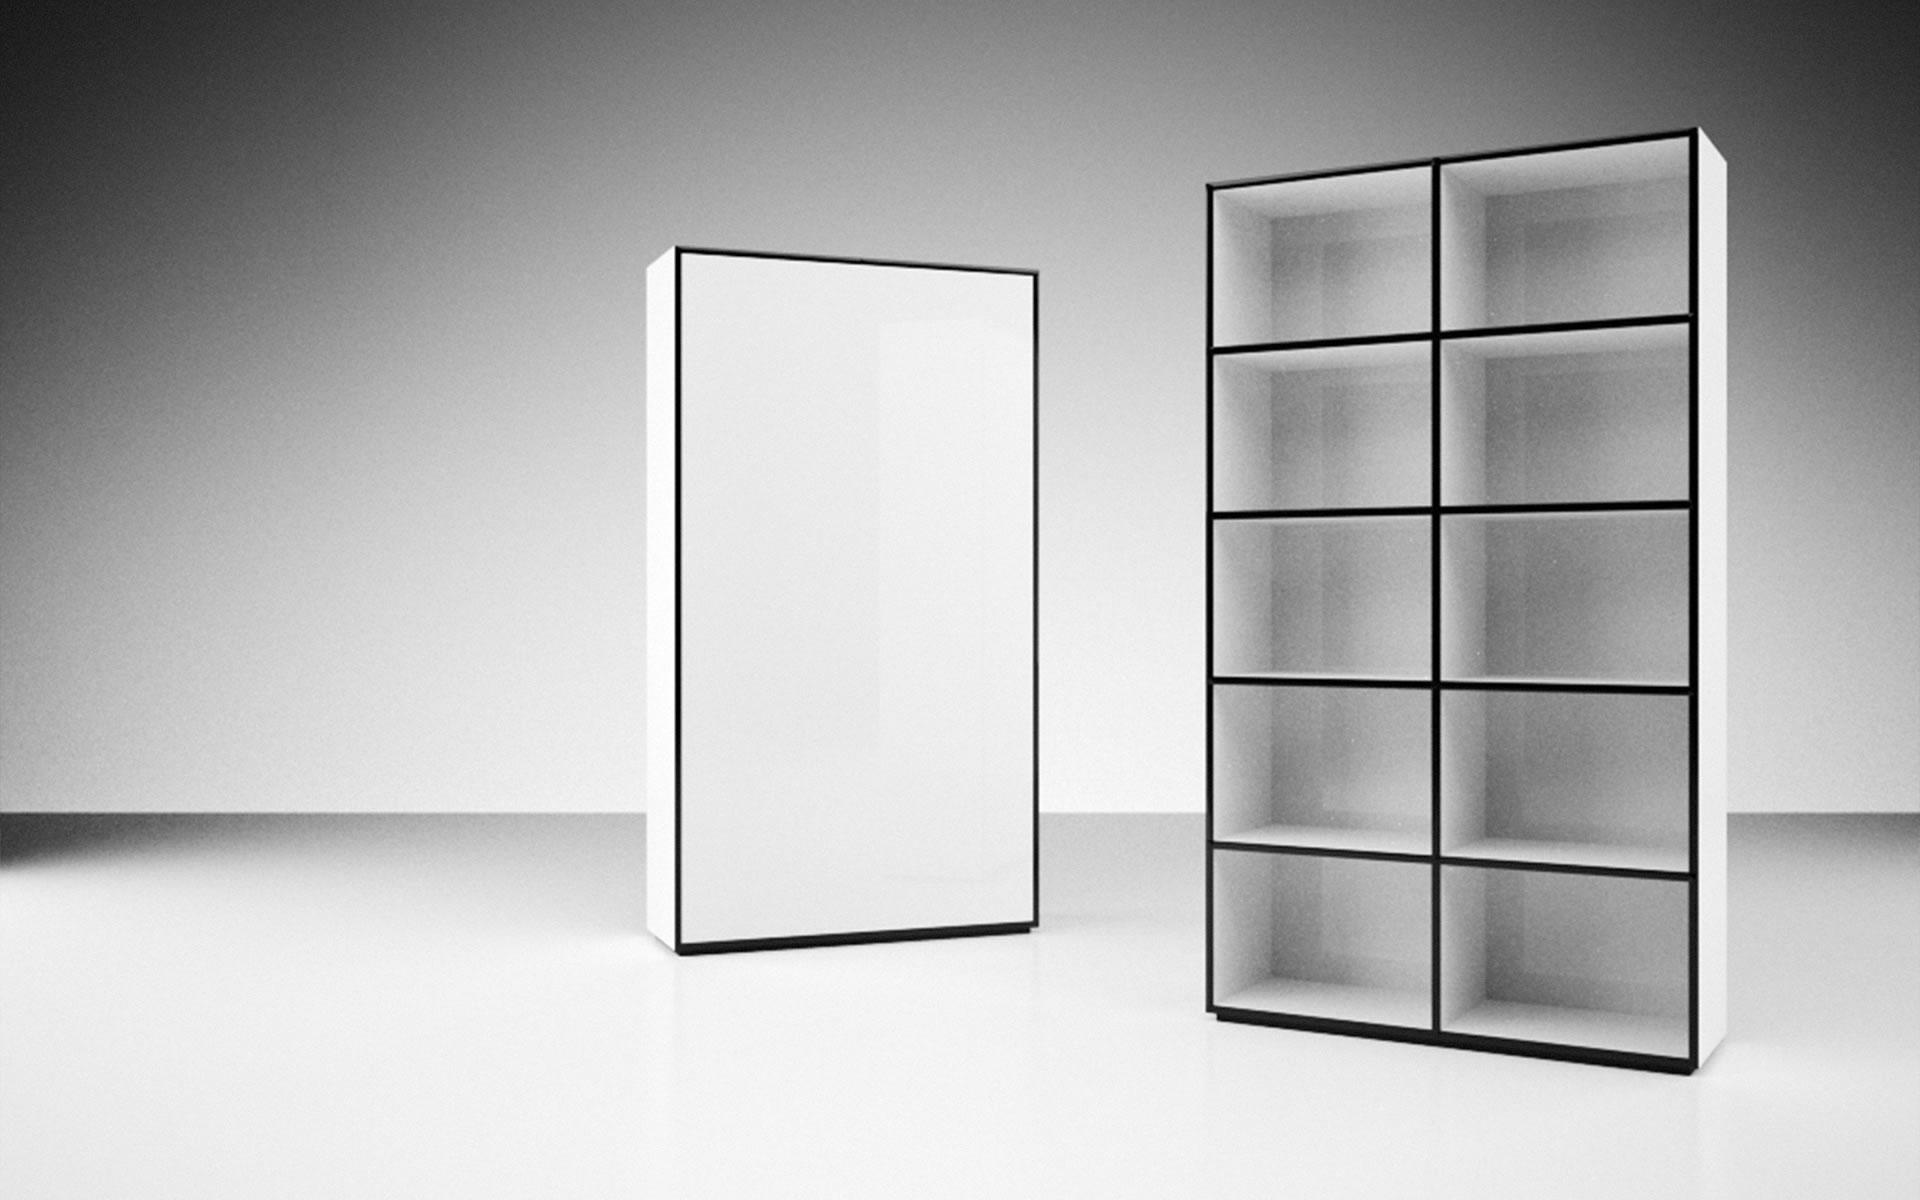 regal reservare modernes design regal von rechteck. Black Bedroom Furniture Sets. Home Design Ideas